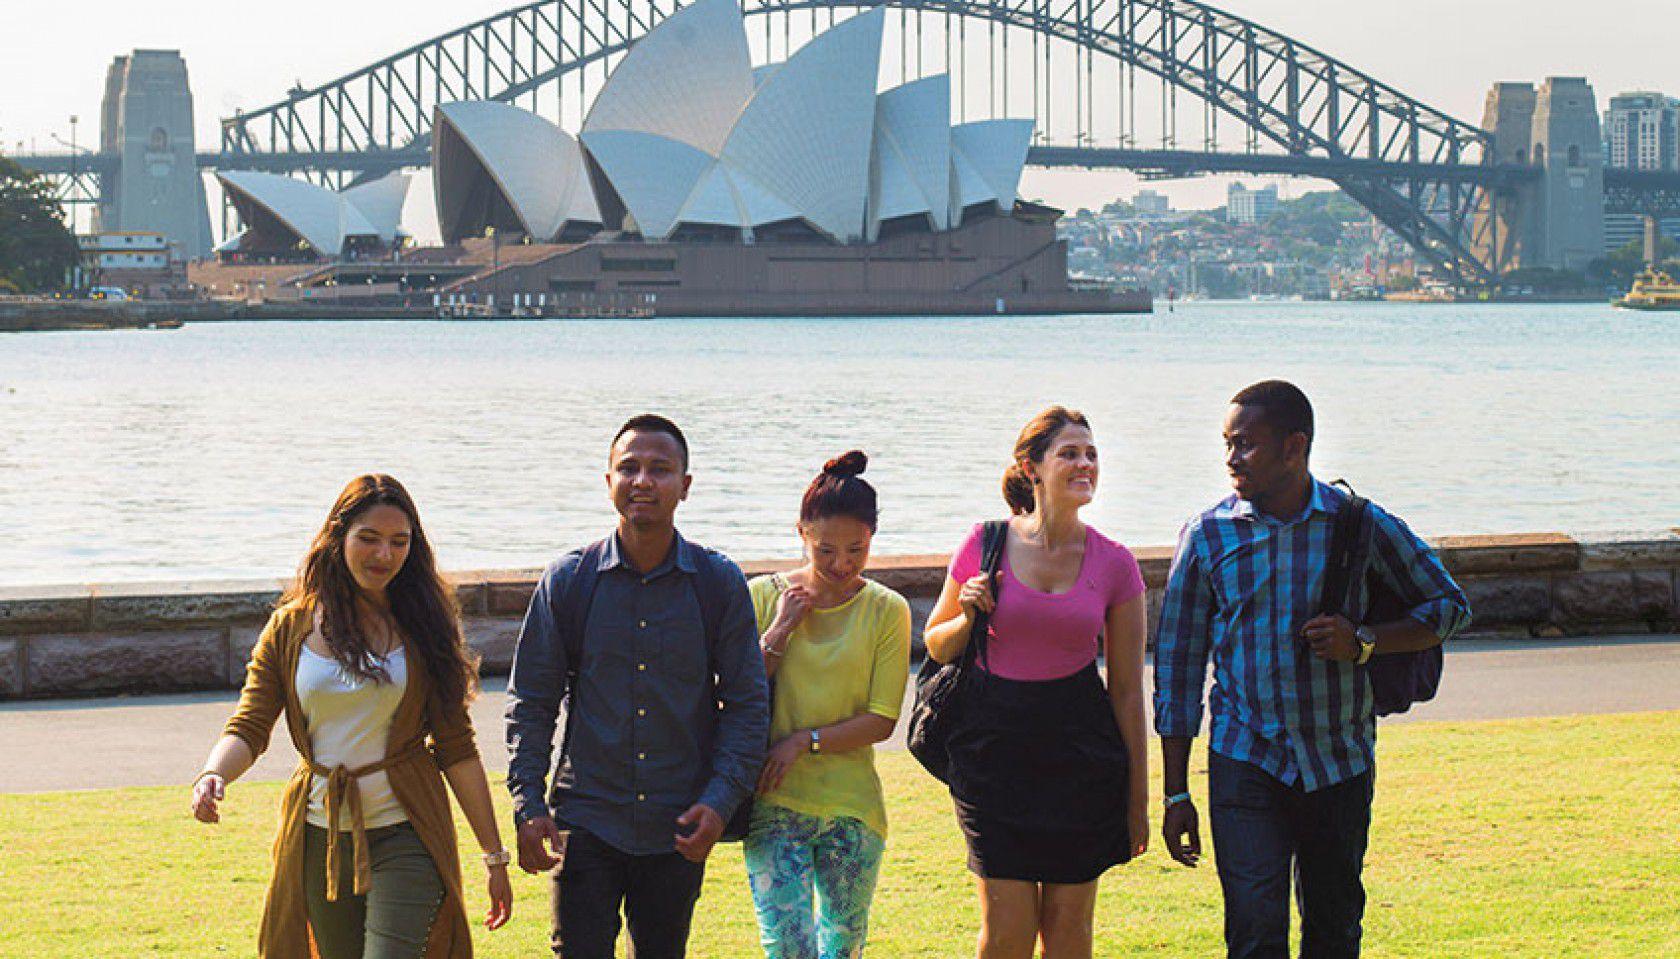 Avustralya'nın En İyi Fen Liseleri ve Öğrenci için Avantajları